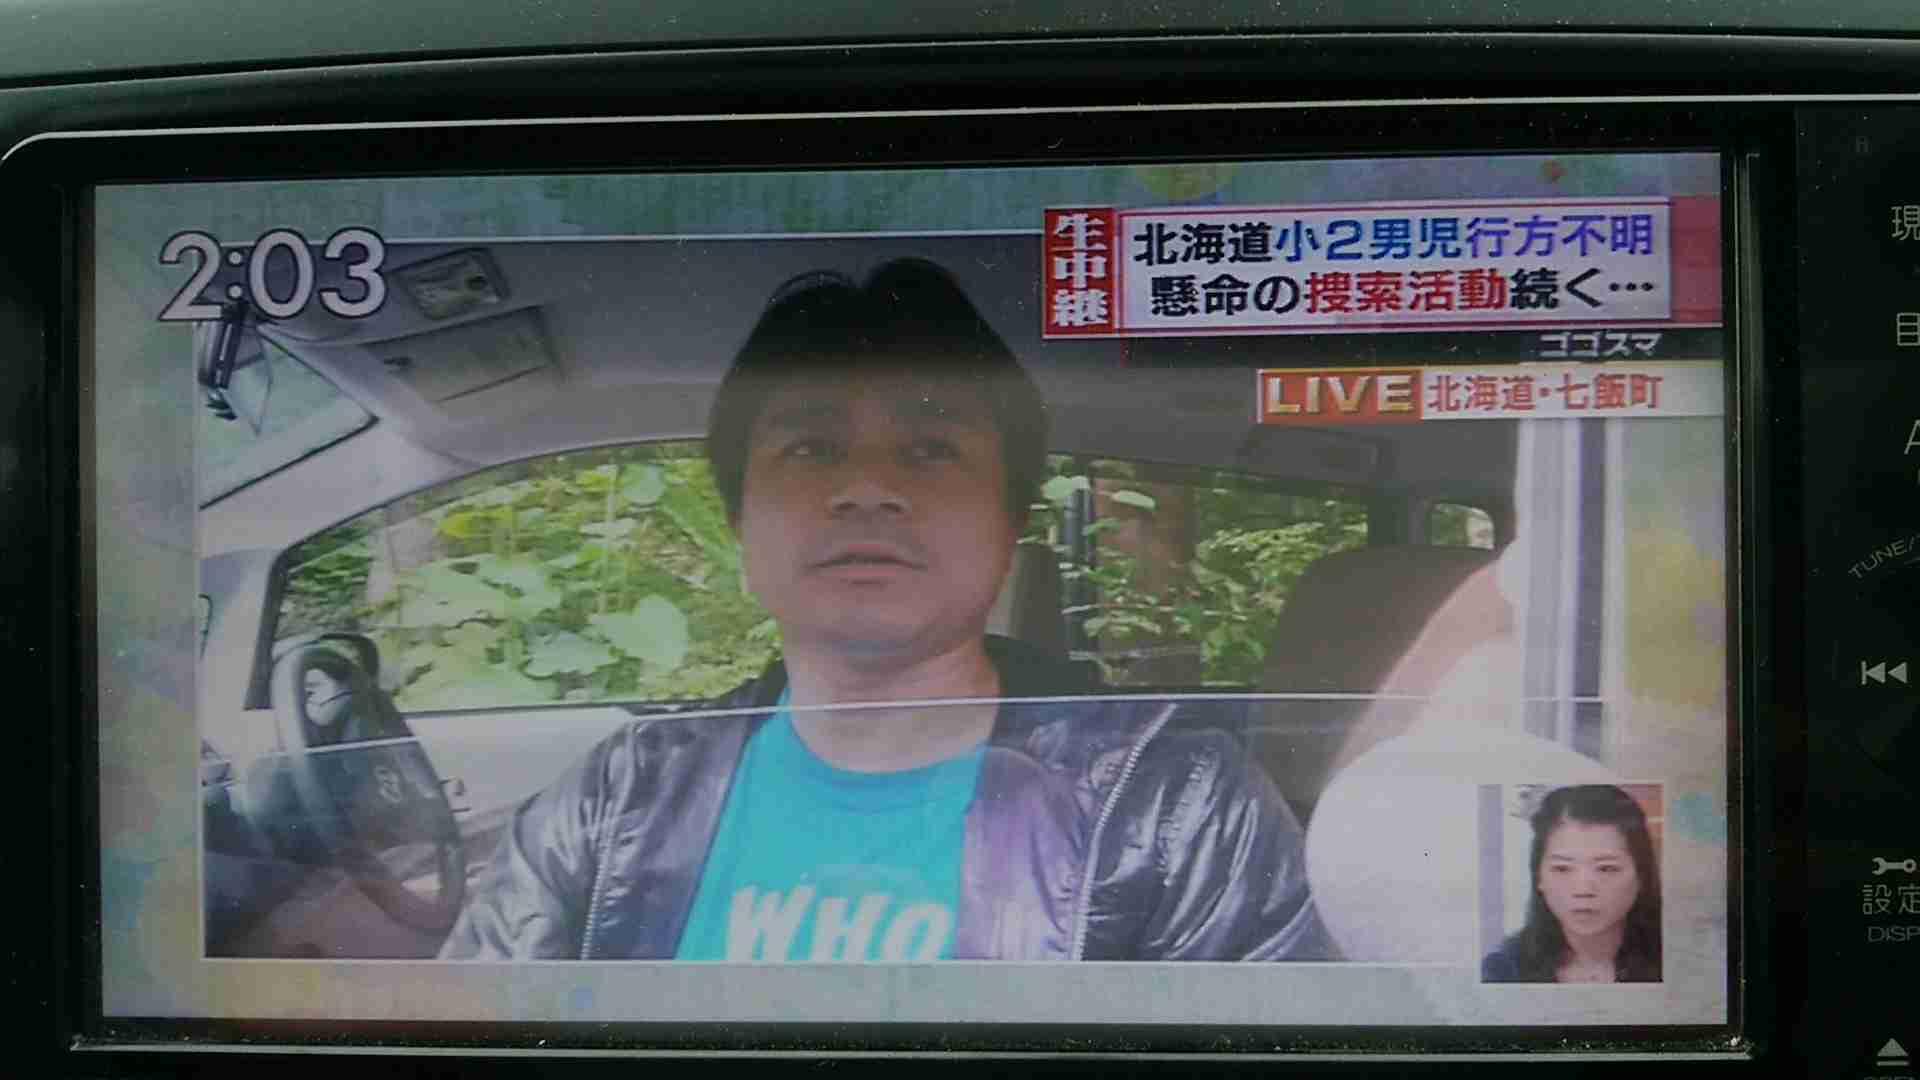 不明男児の捜索続く 北海道七飯町、範囲を拡大 夜は雨の予報